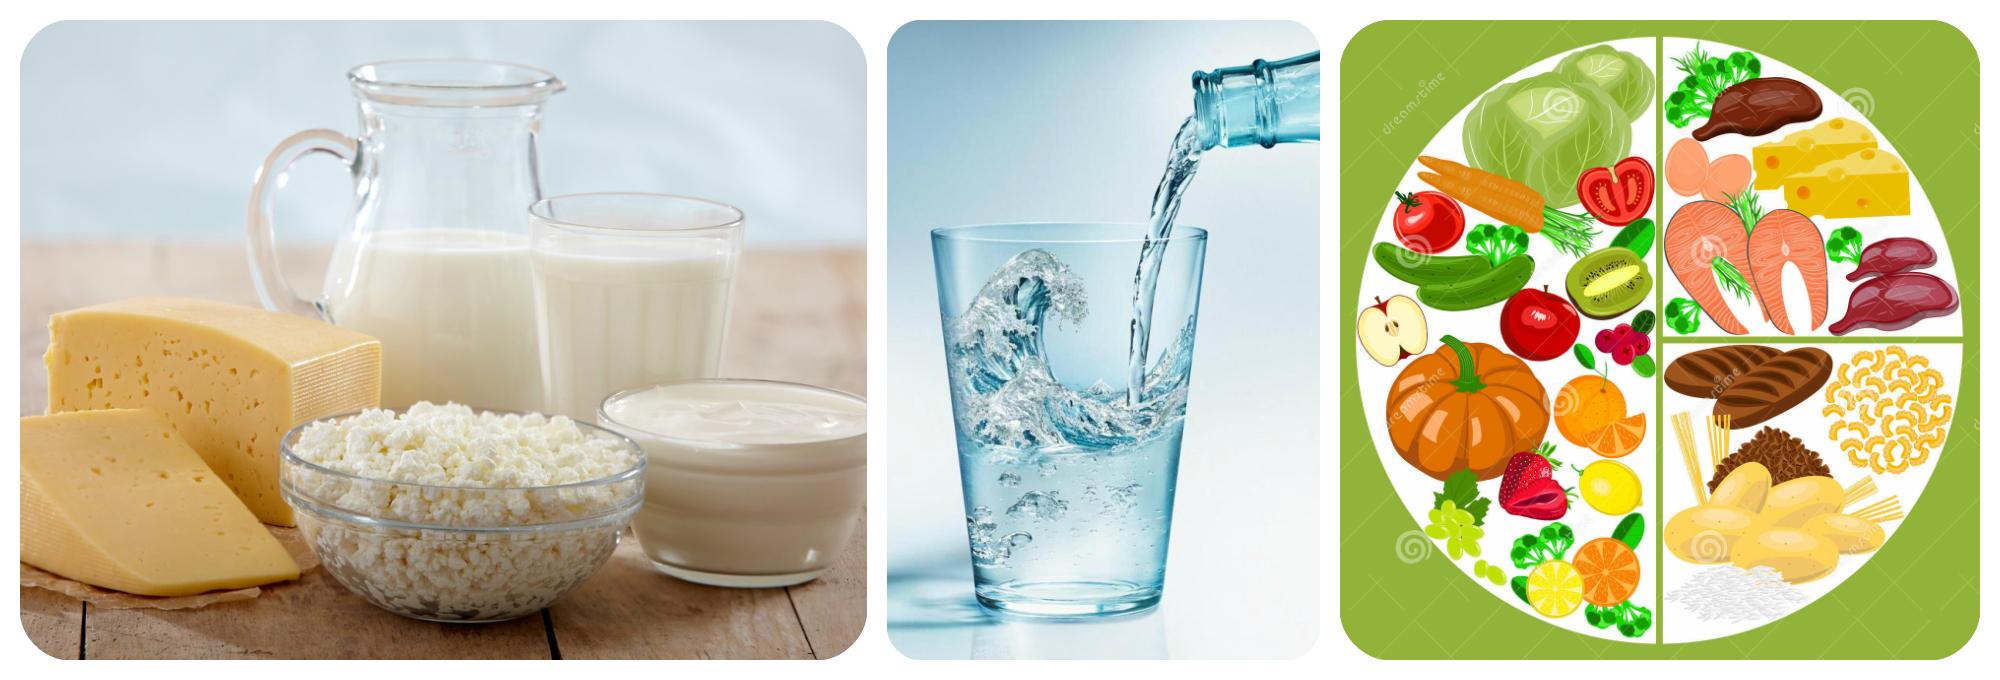 вода, баланс пищи, кисломолочные продукты